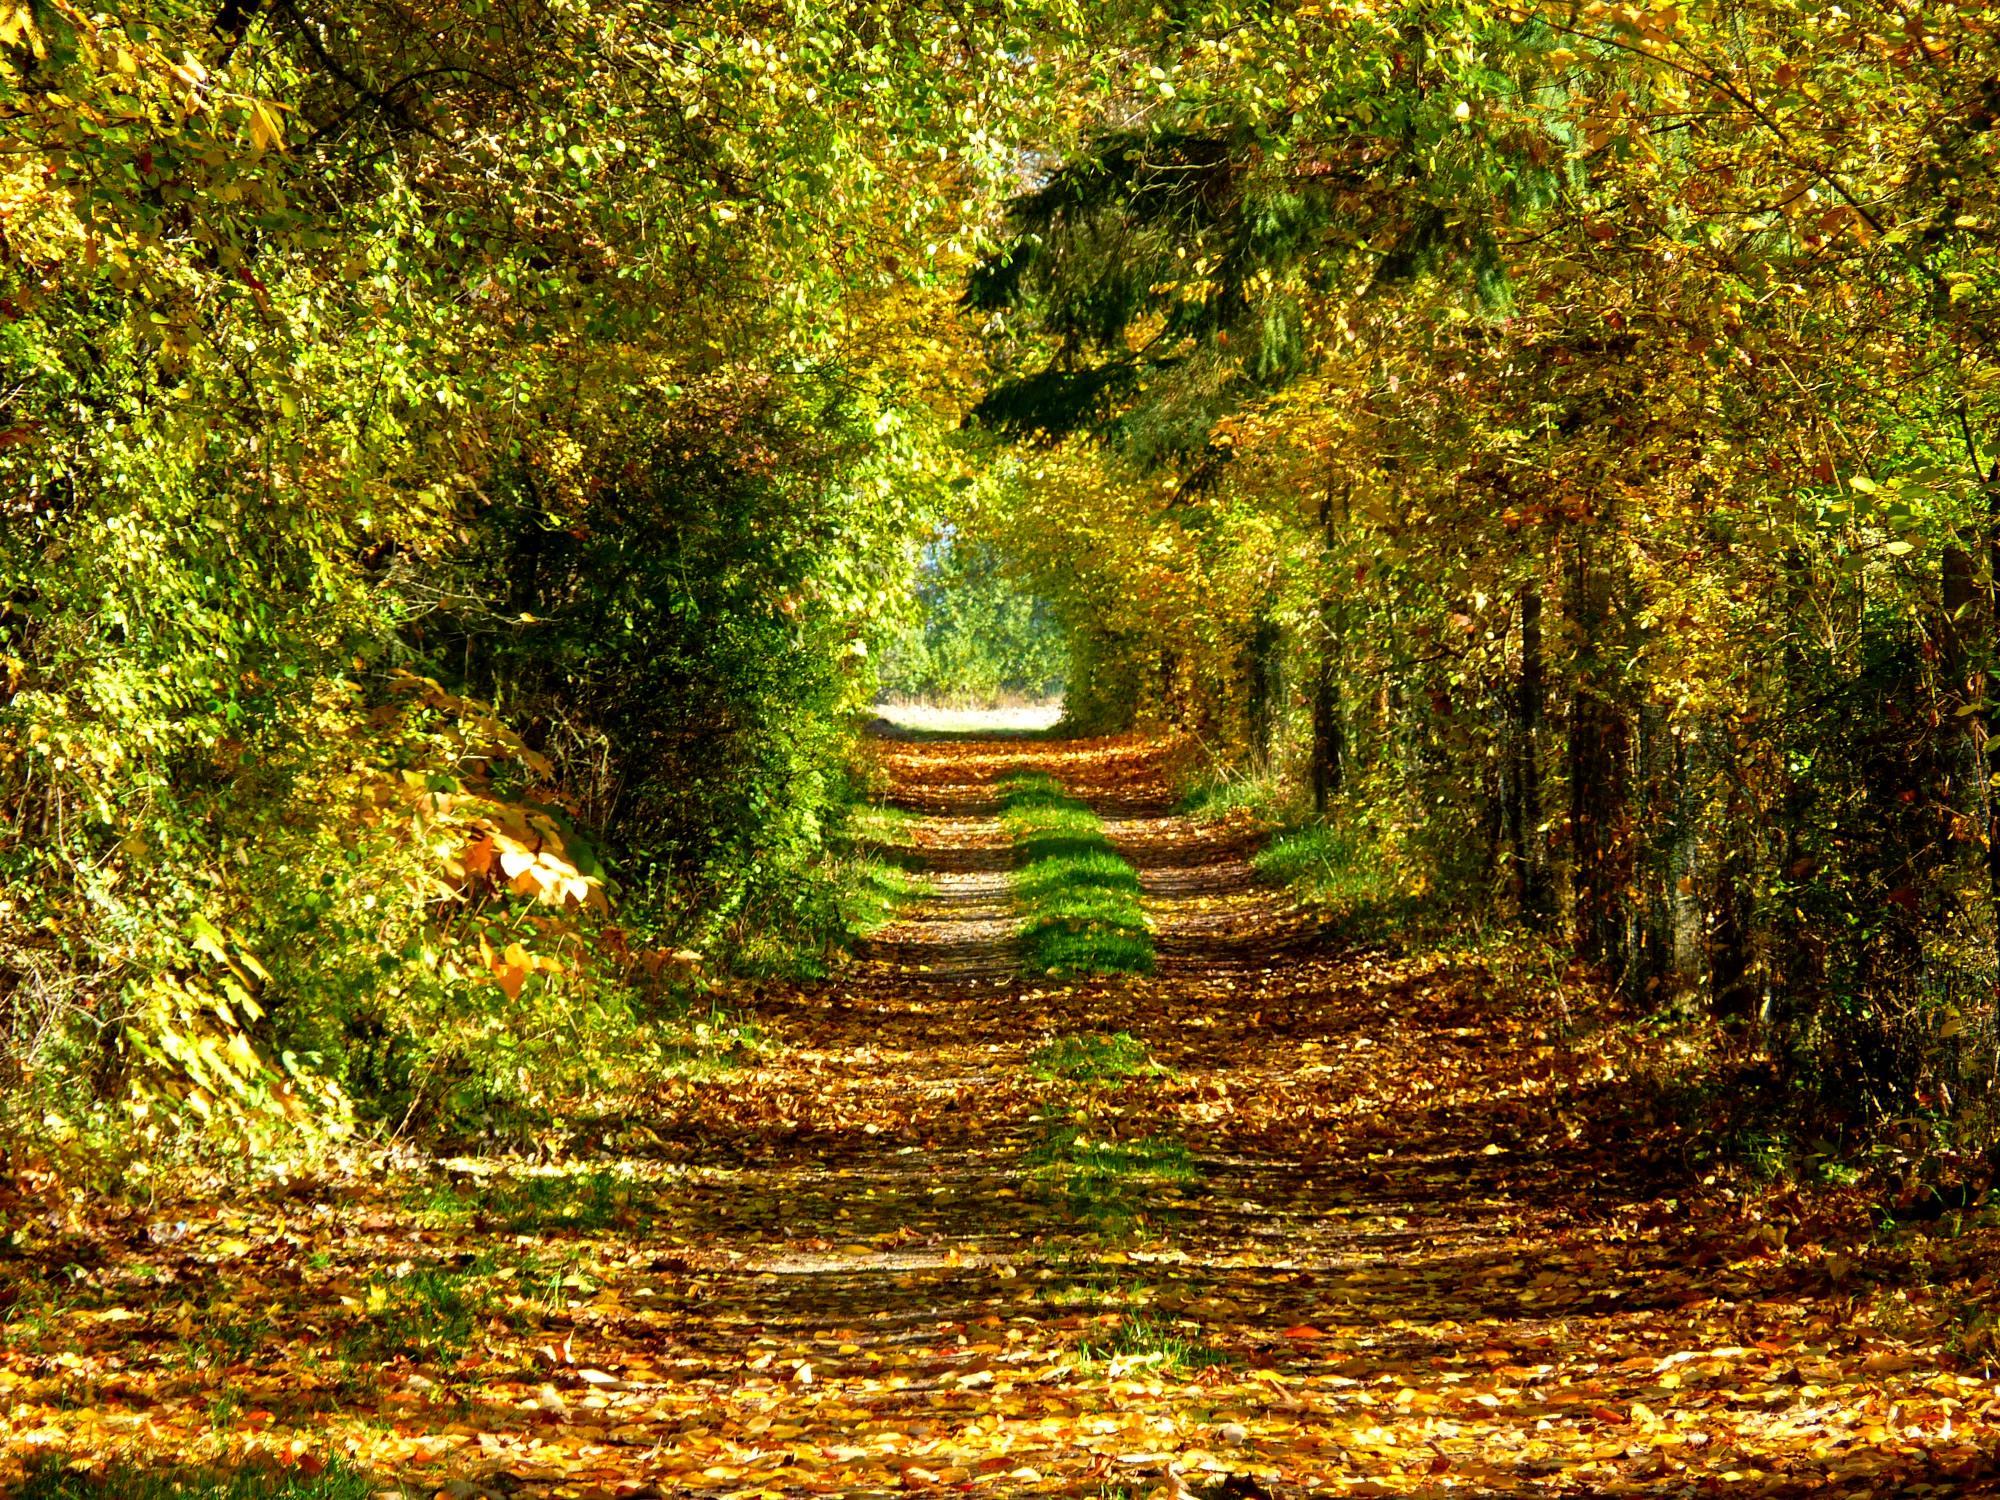 Foto: Foto der Woche #023: Herbstallee